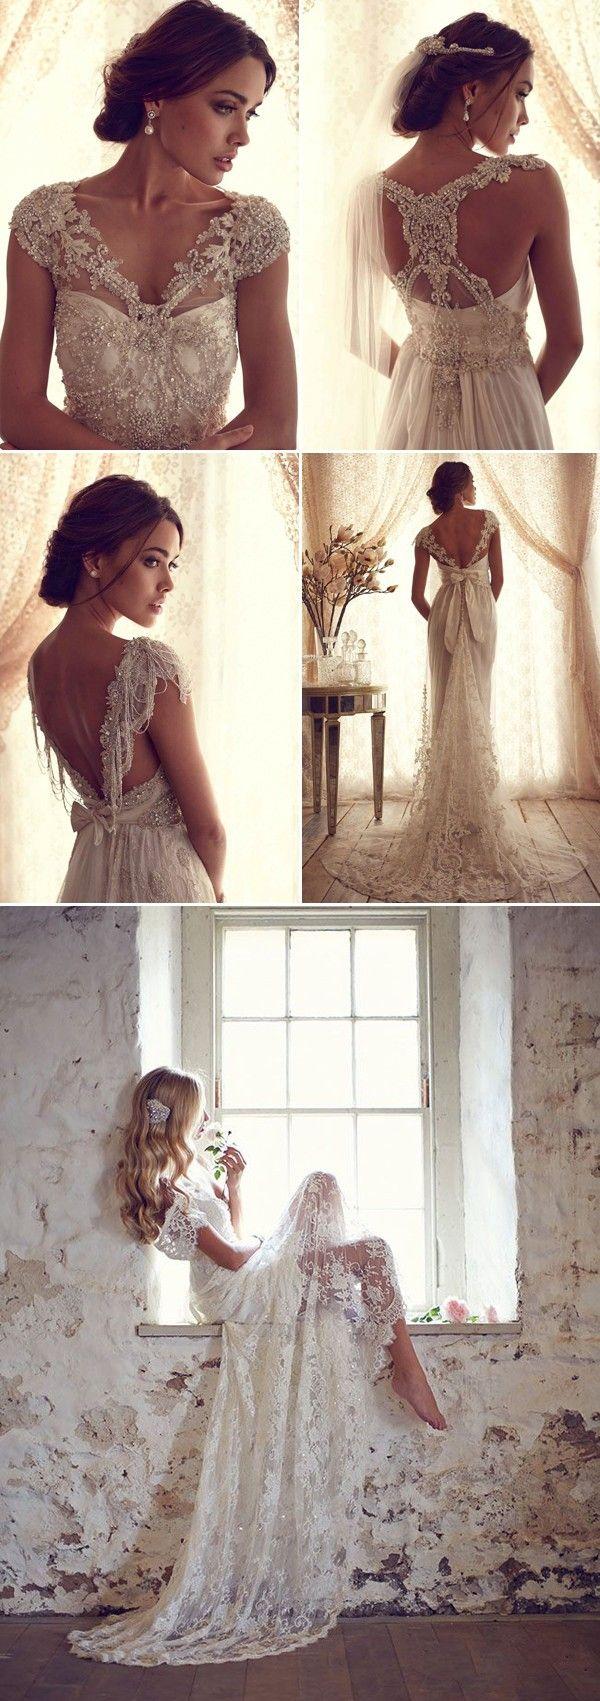 Top 20 Vintage Wedding Dresses For 2017 Trends